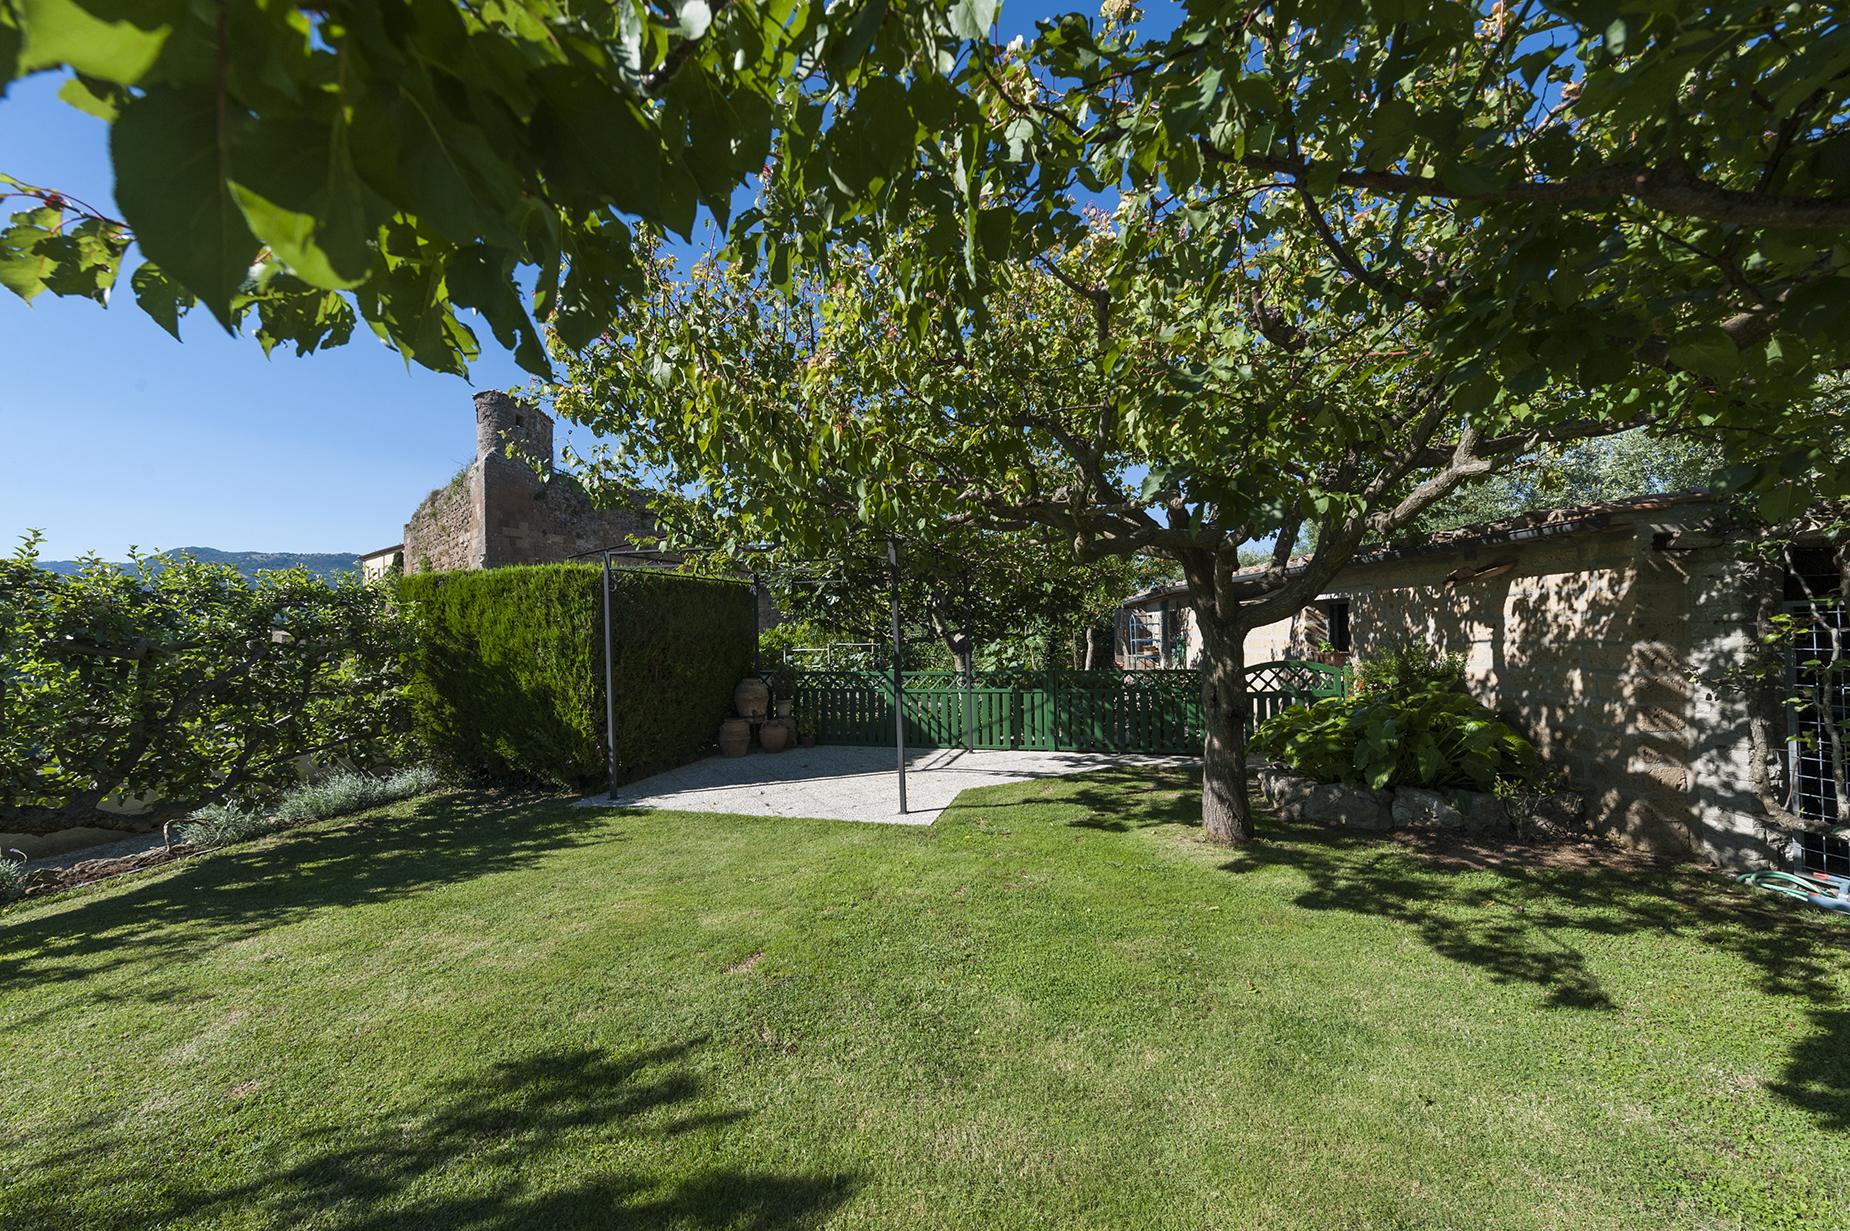 Casa indipendente in Vendita a Sorano: 5 locali, 230 mq - Foto 14